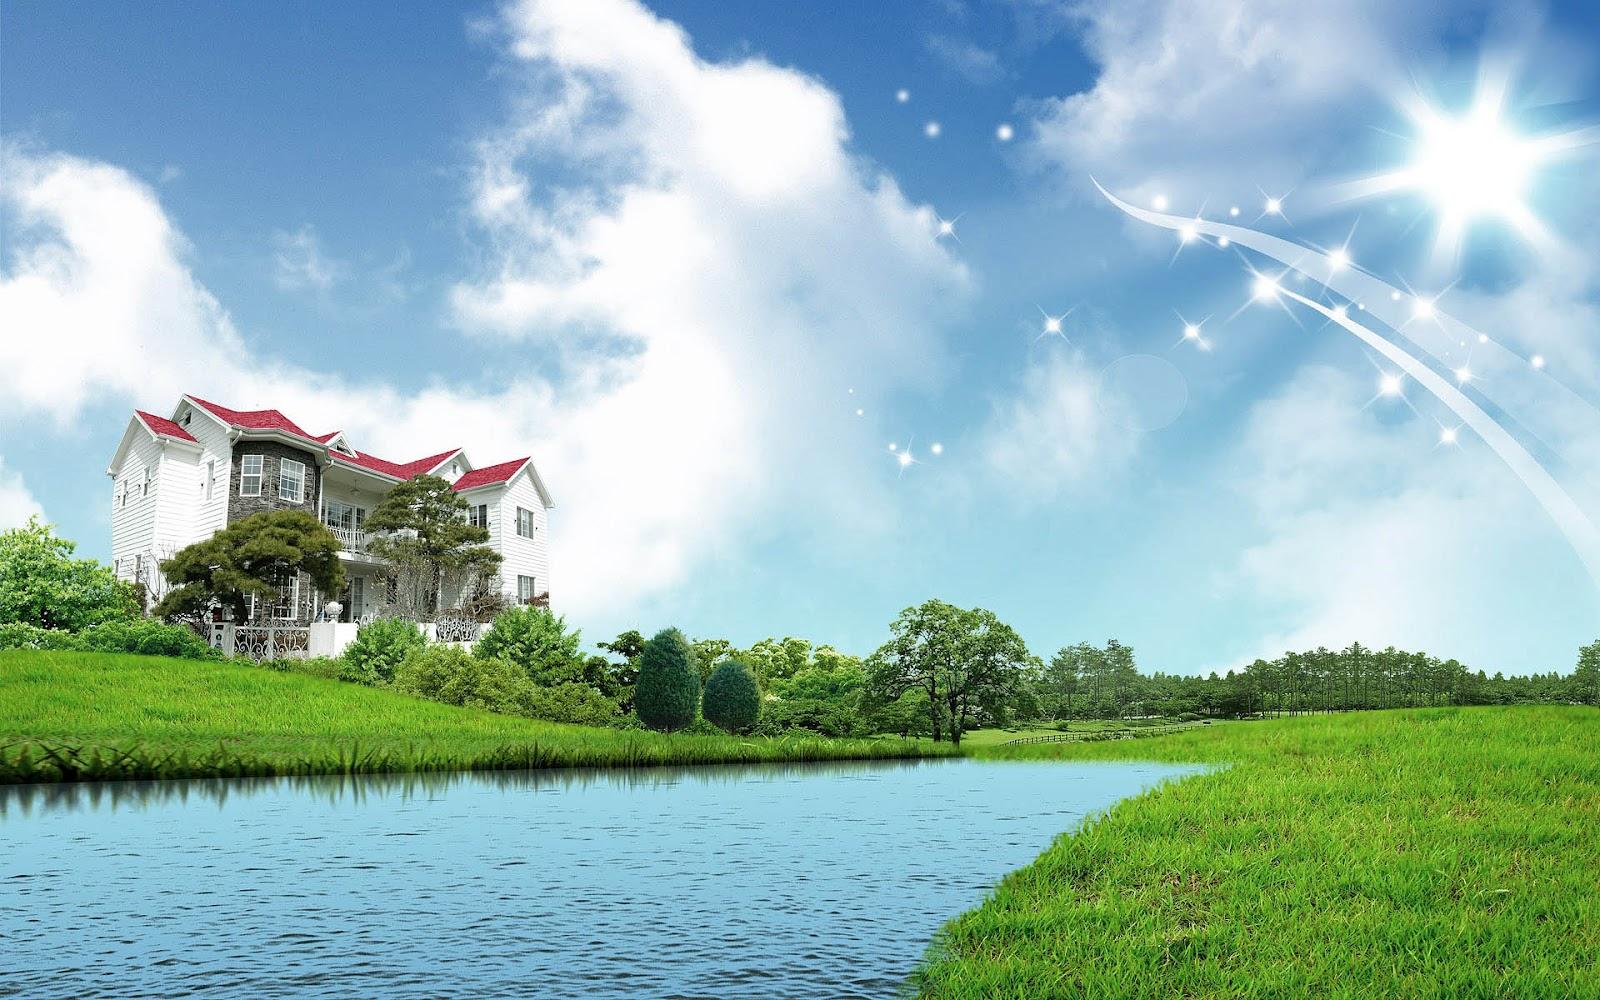 3D Houses Wallpapers ~ Top Best HD Wallpapers for Desktop